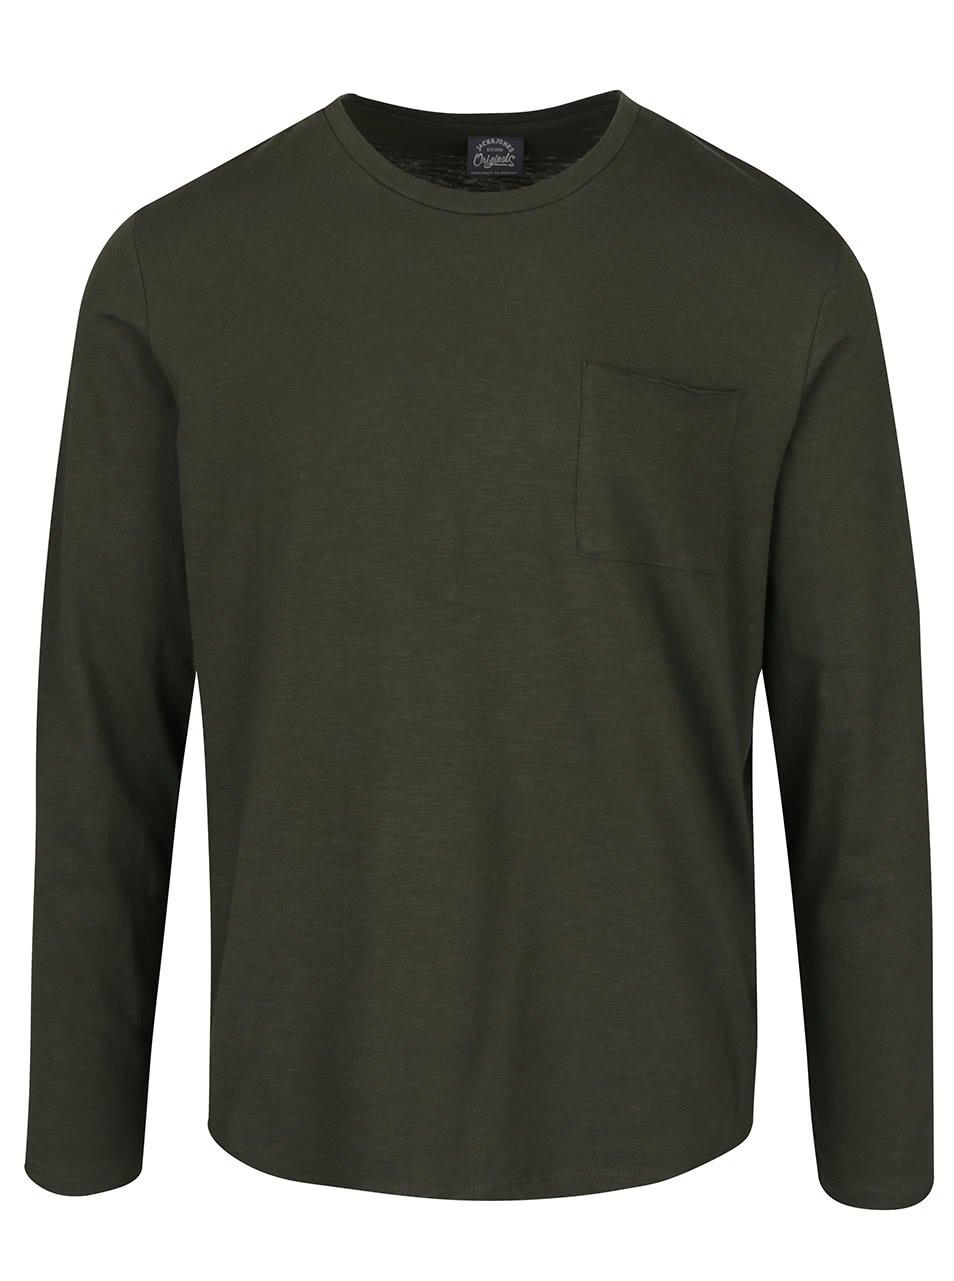 Tmavě zelené triko s náprsní kapsou Jack & Jones Dong